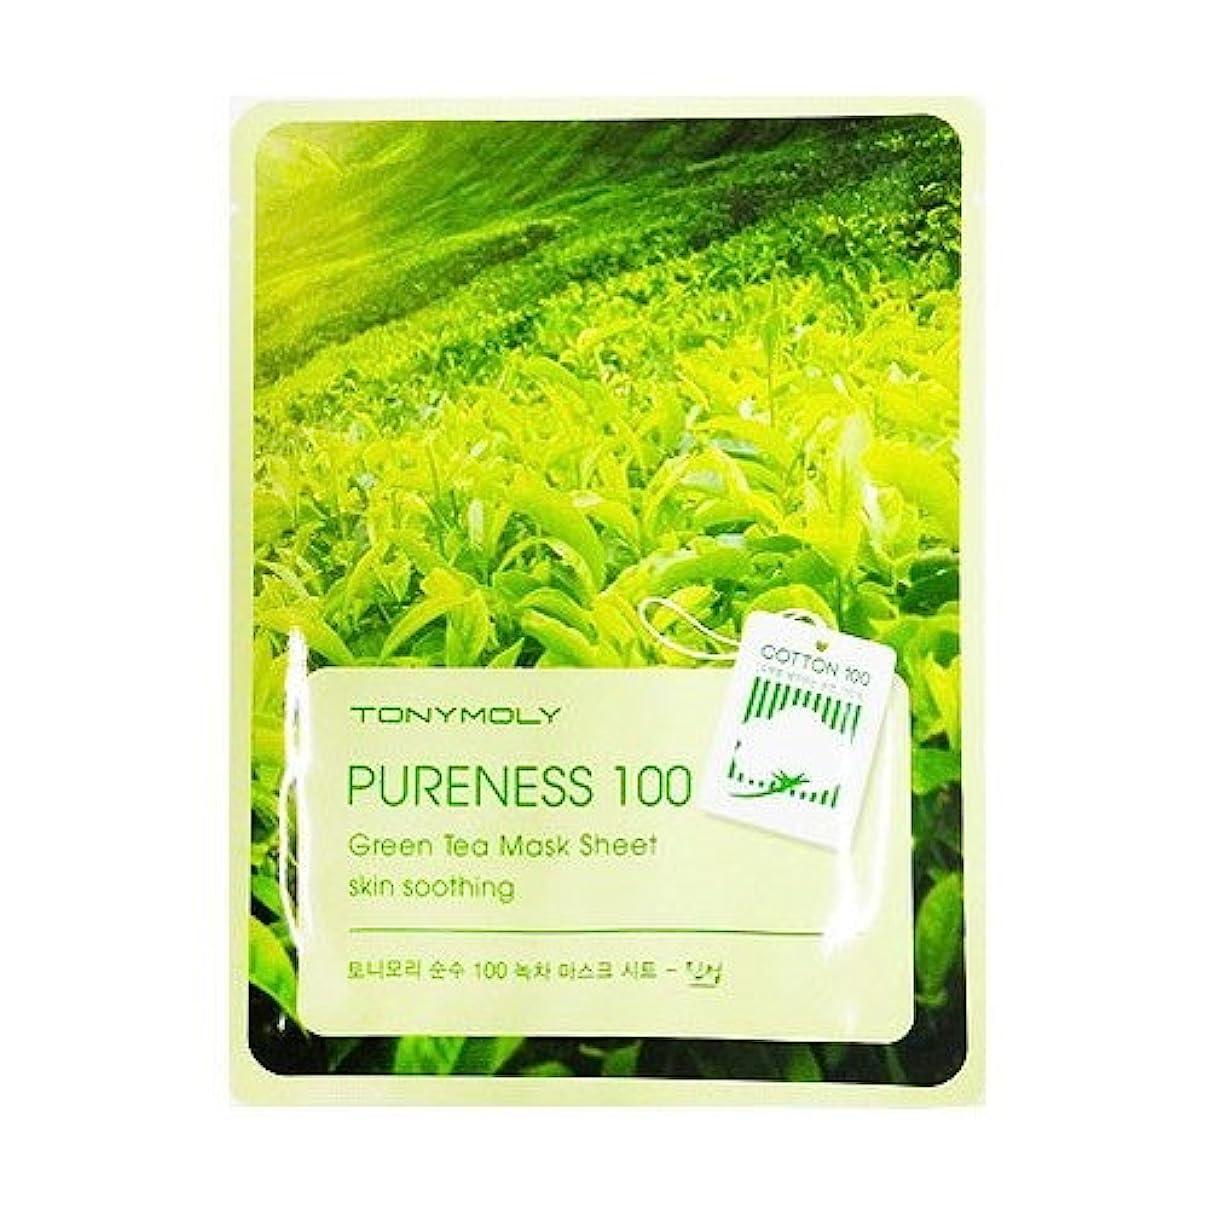 アルプス犯す組(3 Pack) TONYMOLY Pureness 100 Green Tea Mask Sheet Skin Soothing (並行輸入品)